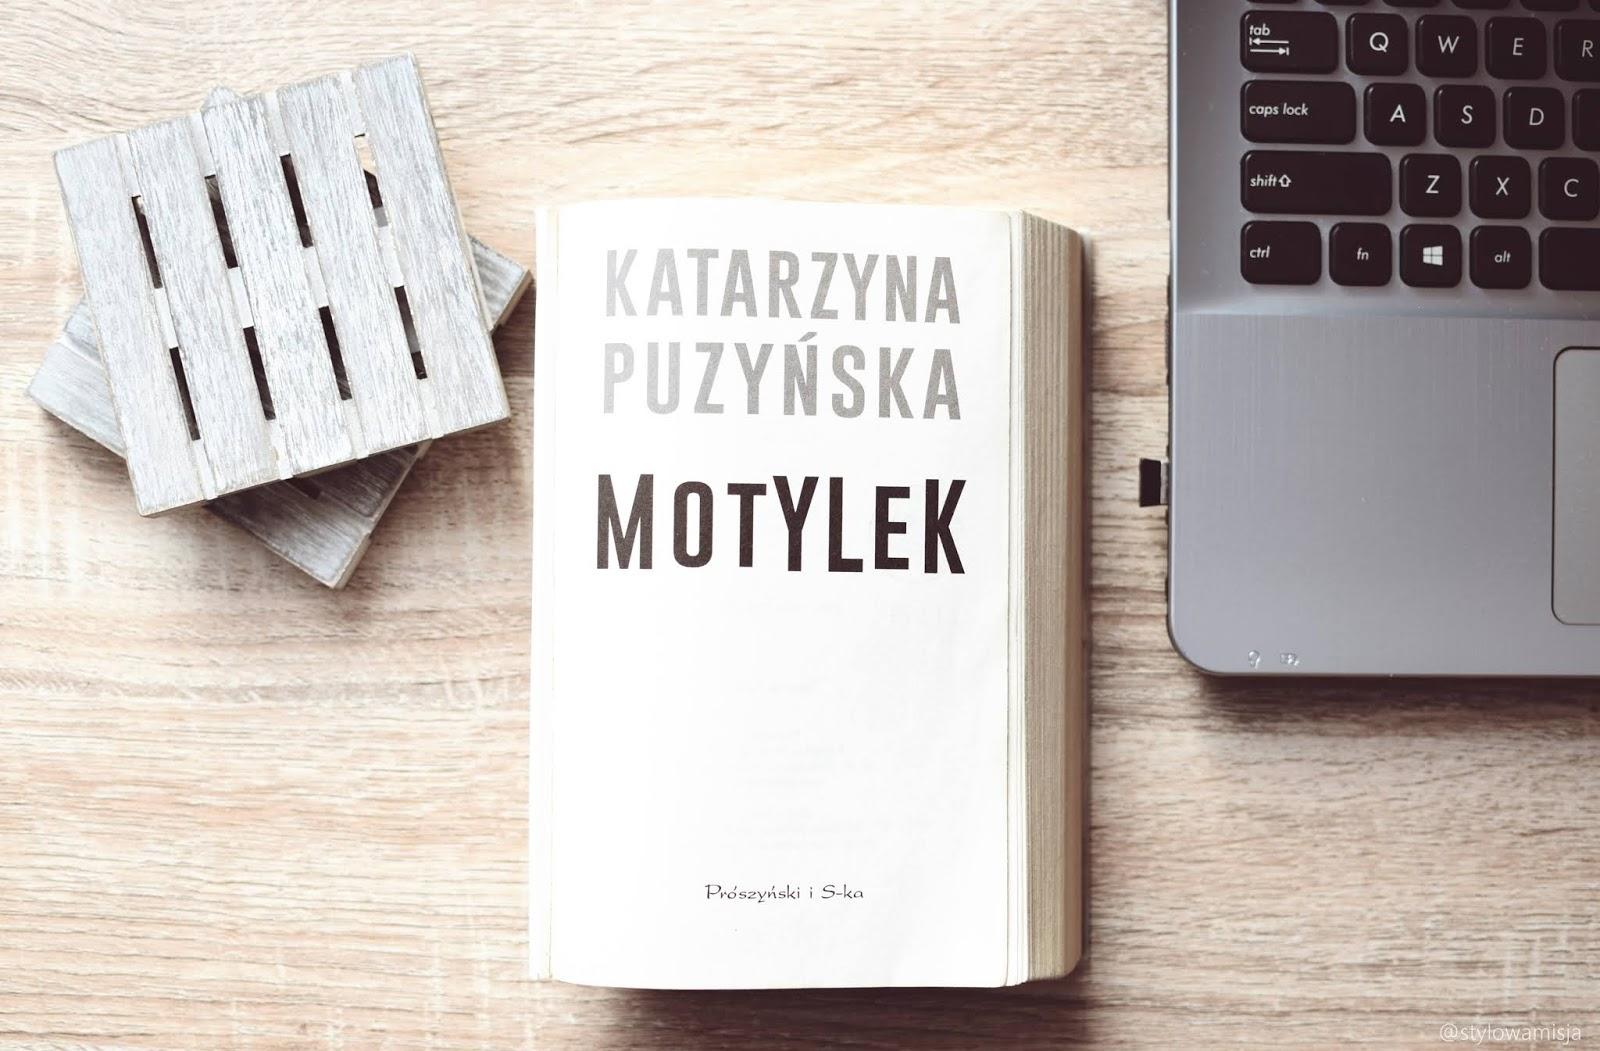 Lipowo, tomI, KatarzynaPuzyńska, Motylek, kryminał, WydawnictwoPrószyńskiISpółka, opowiadanie, recenzja,